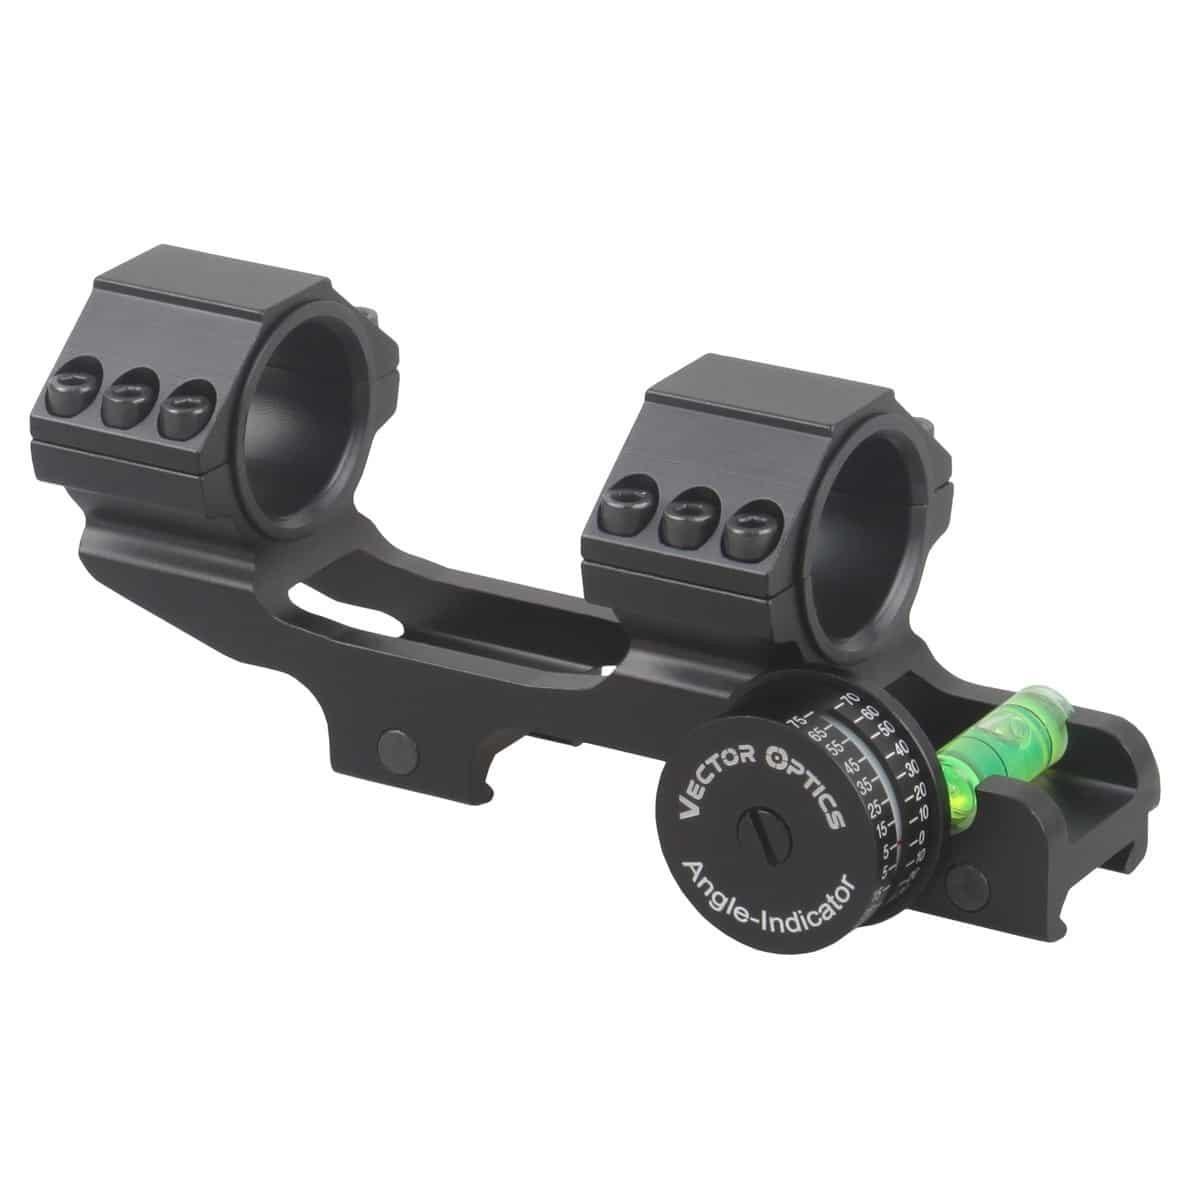 Suporte para Luneta Vector Optics 30mm com indicador de ângulo